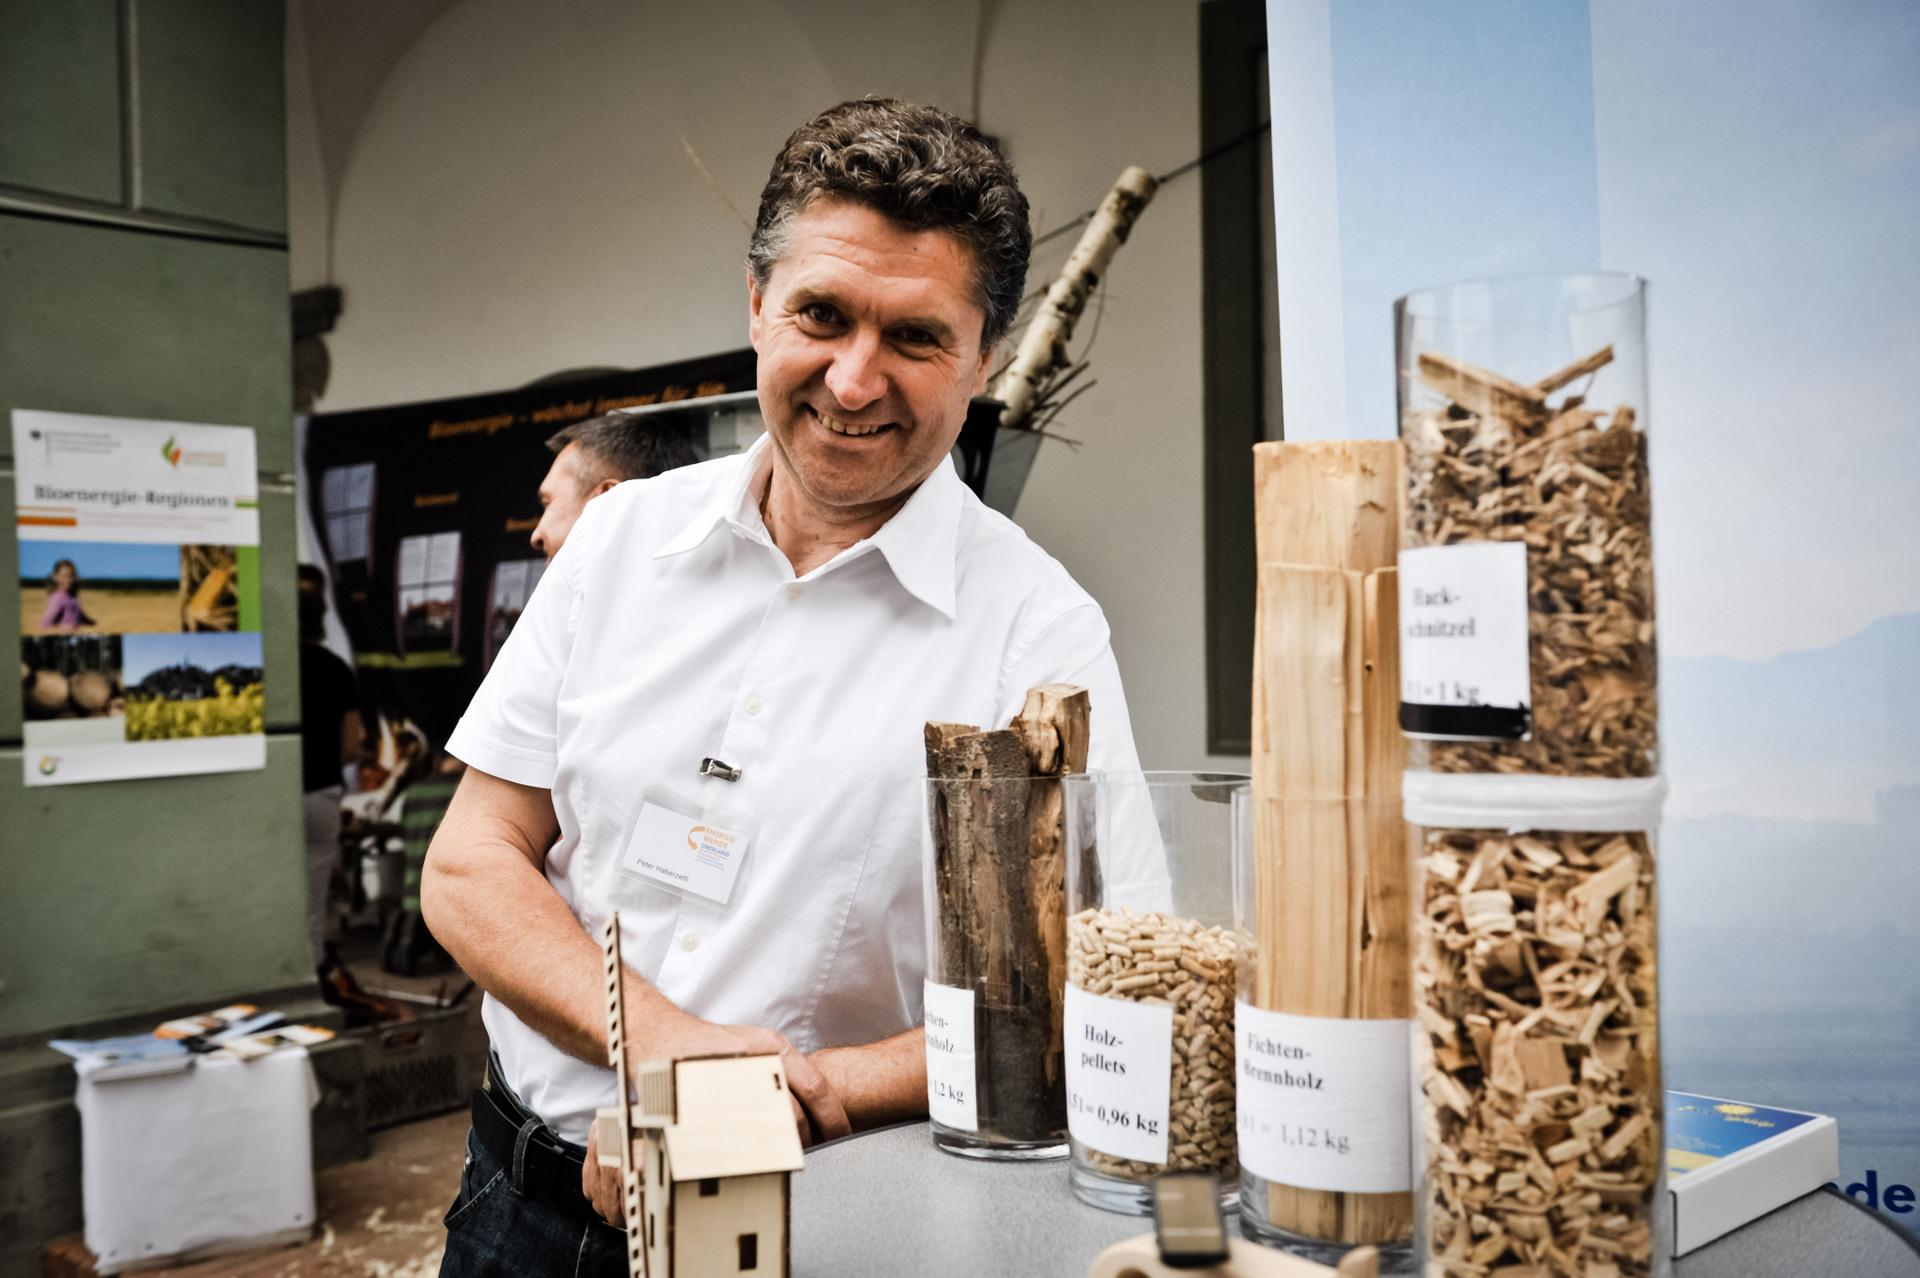 Peter Haberzettl auf dem Lernfest in Benediktbeuern